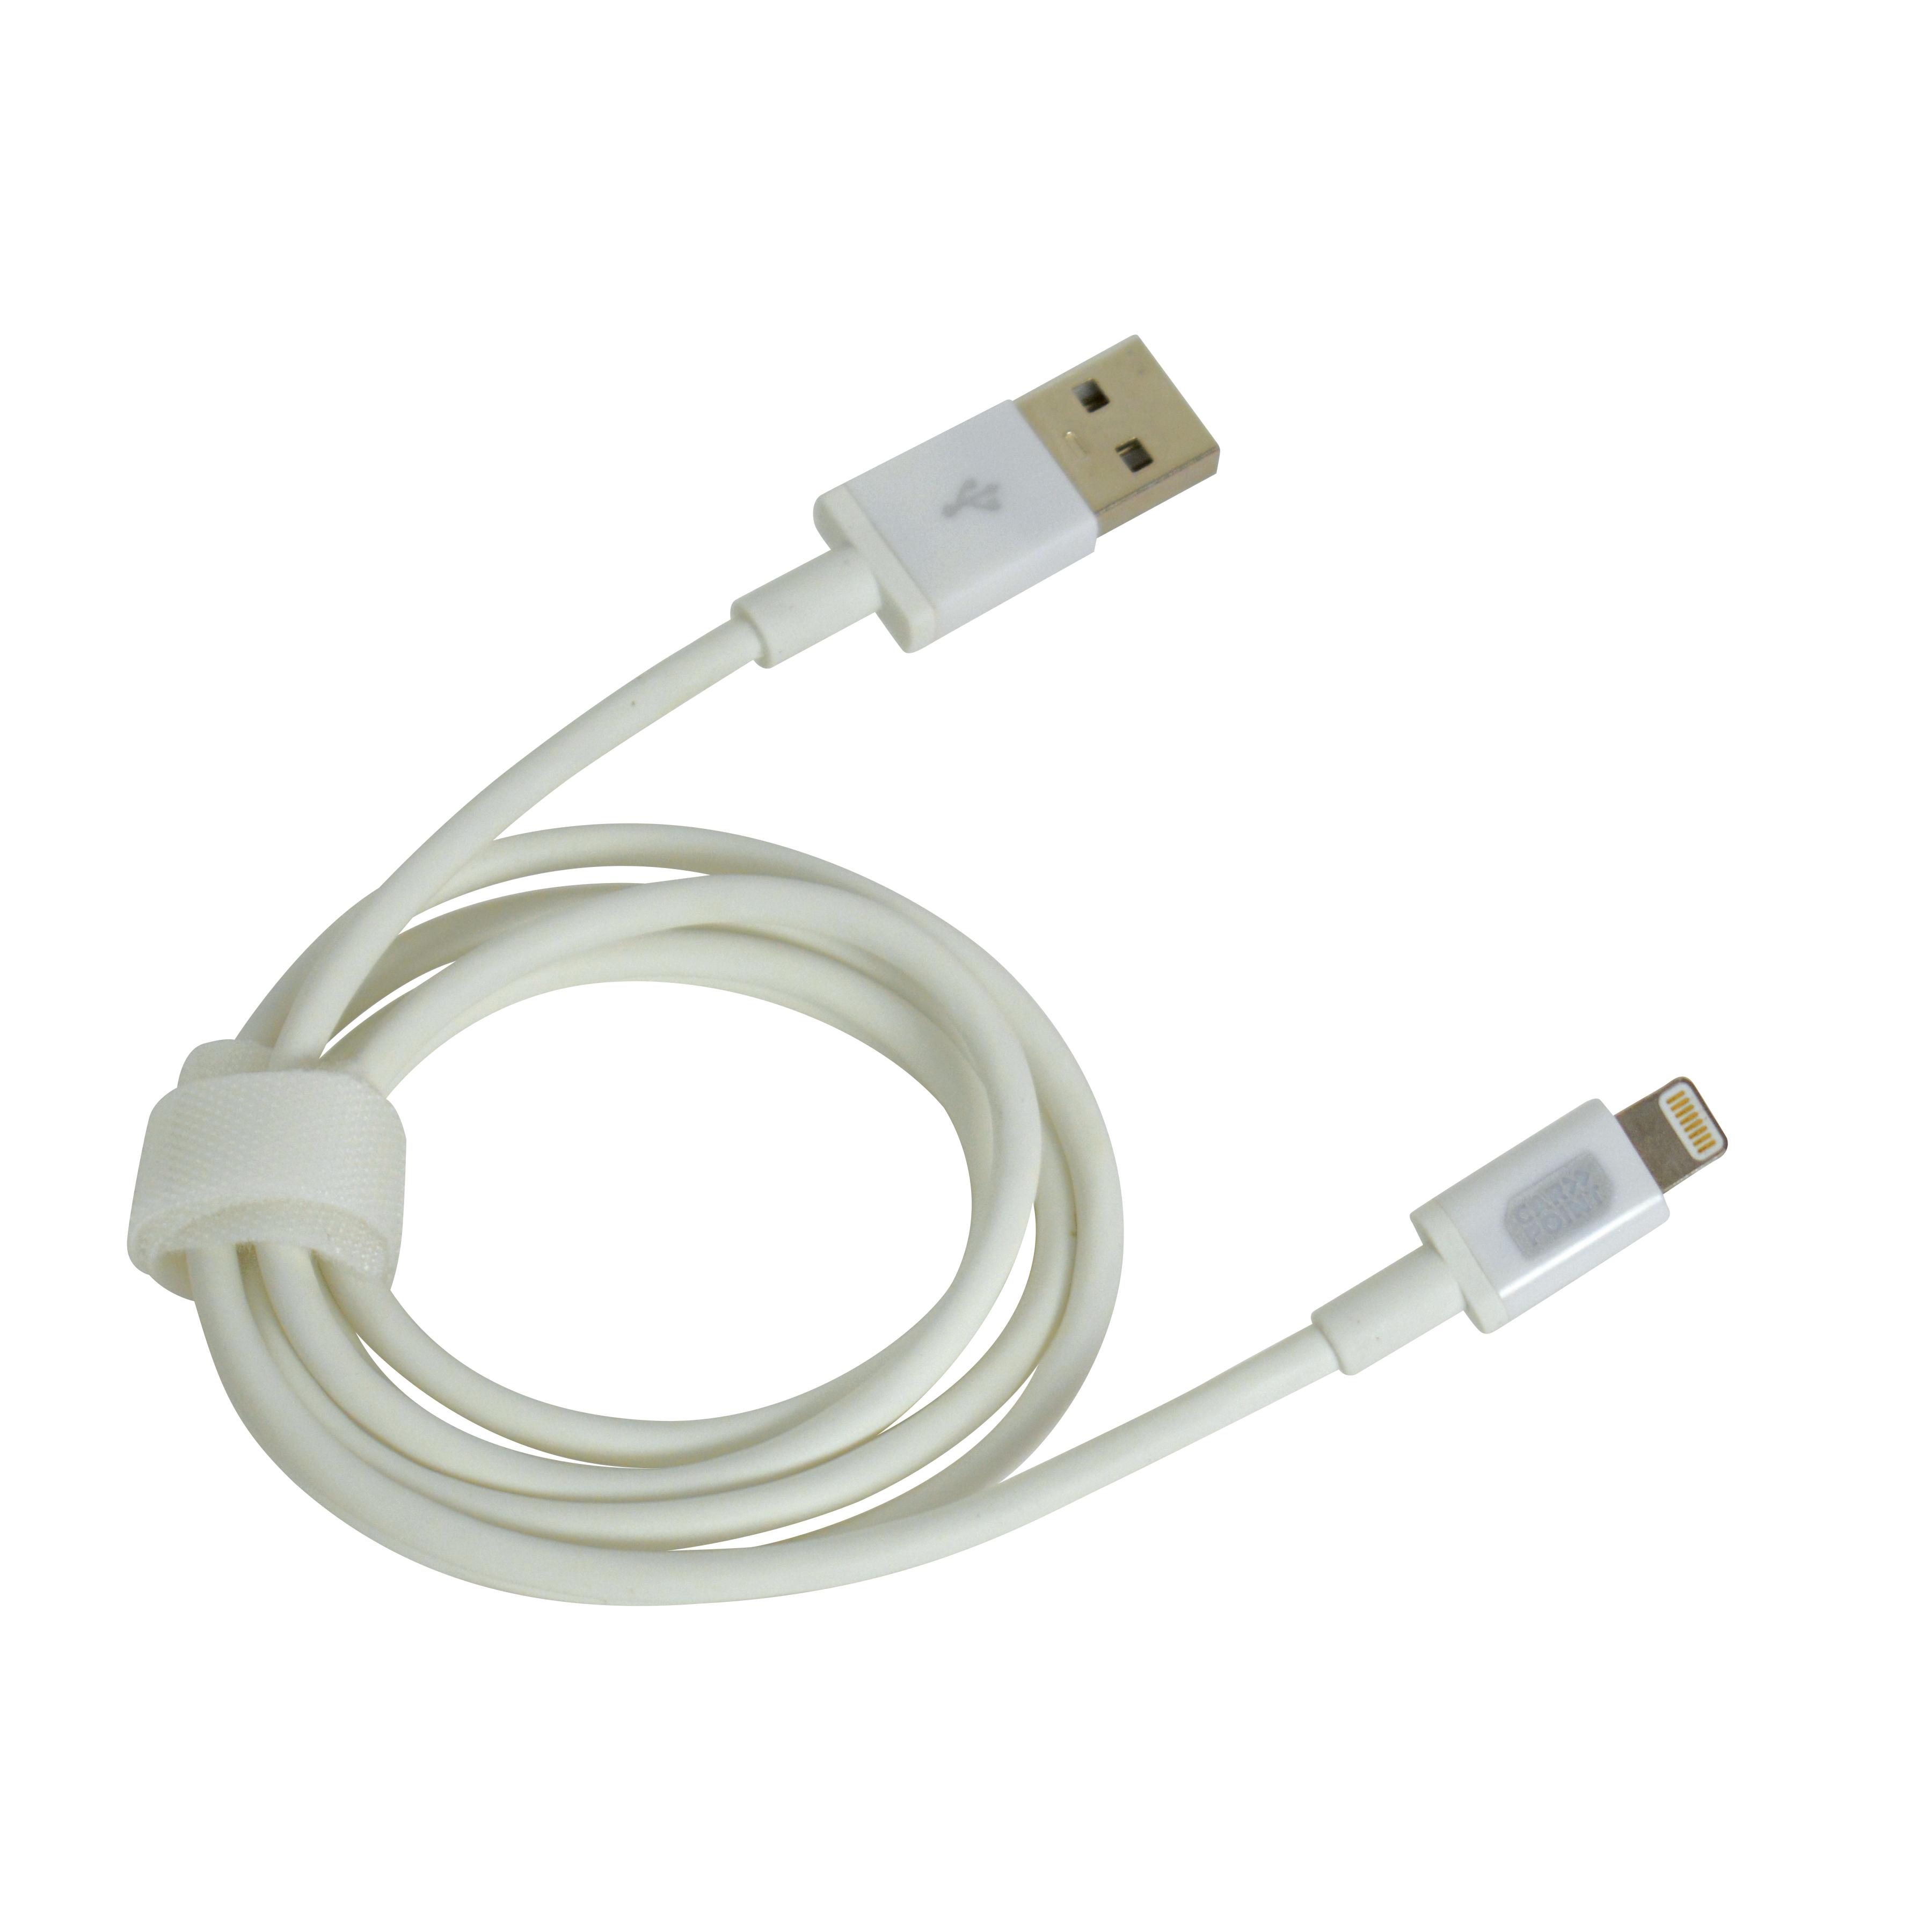 Laadkabel USB naar MFI 8 pins